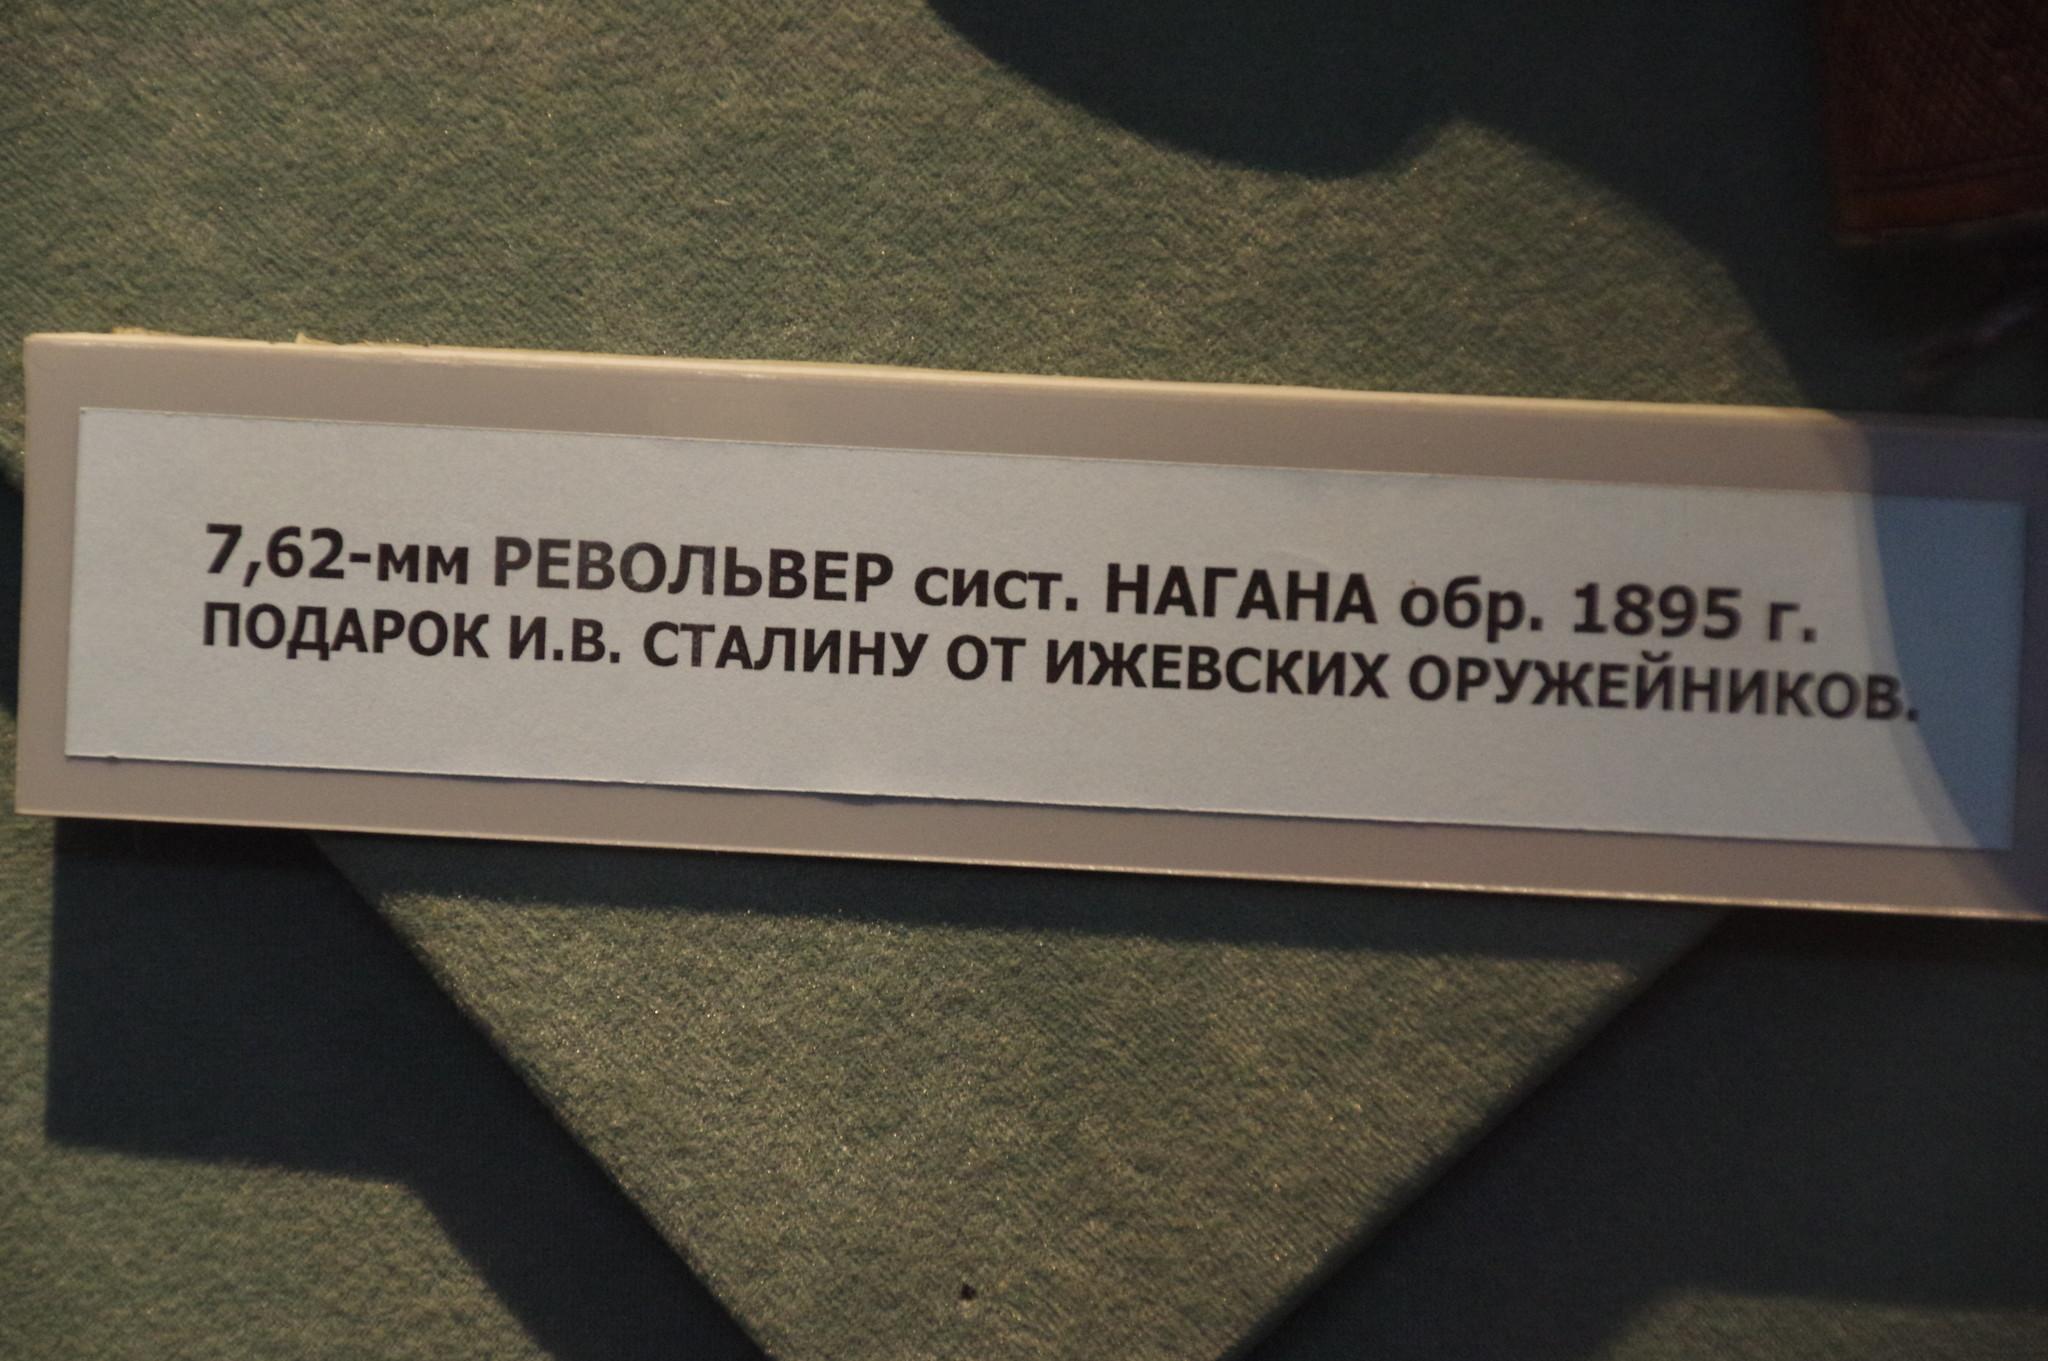 7,62-мм револьвер системы Нагана образца 1895 года подарок И.В. Сталину от ижевских оружейников в экспозиции Центрального музея Вооружённых сил Российской Федерации